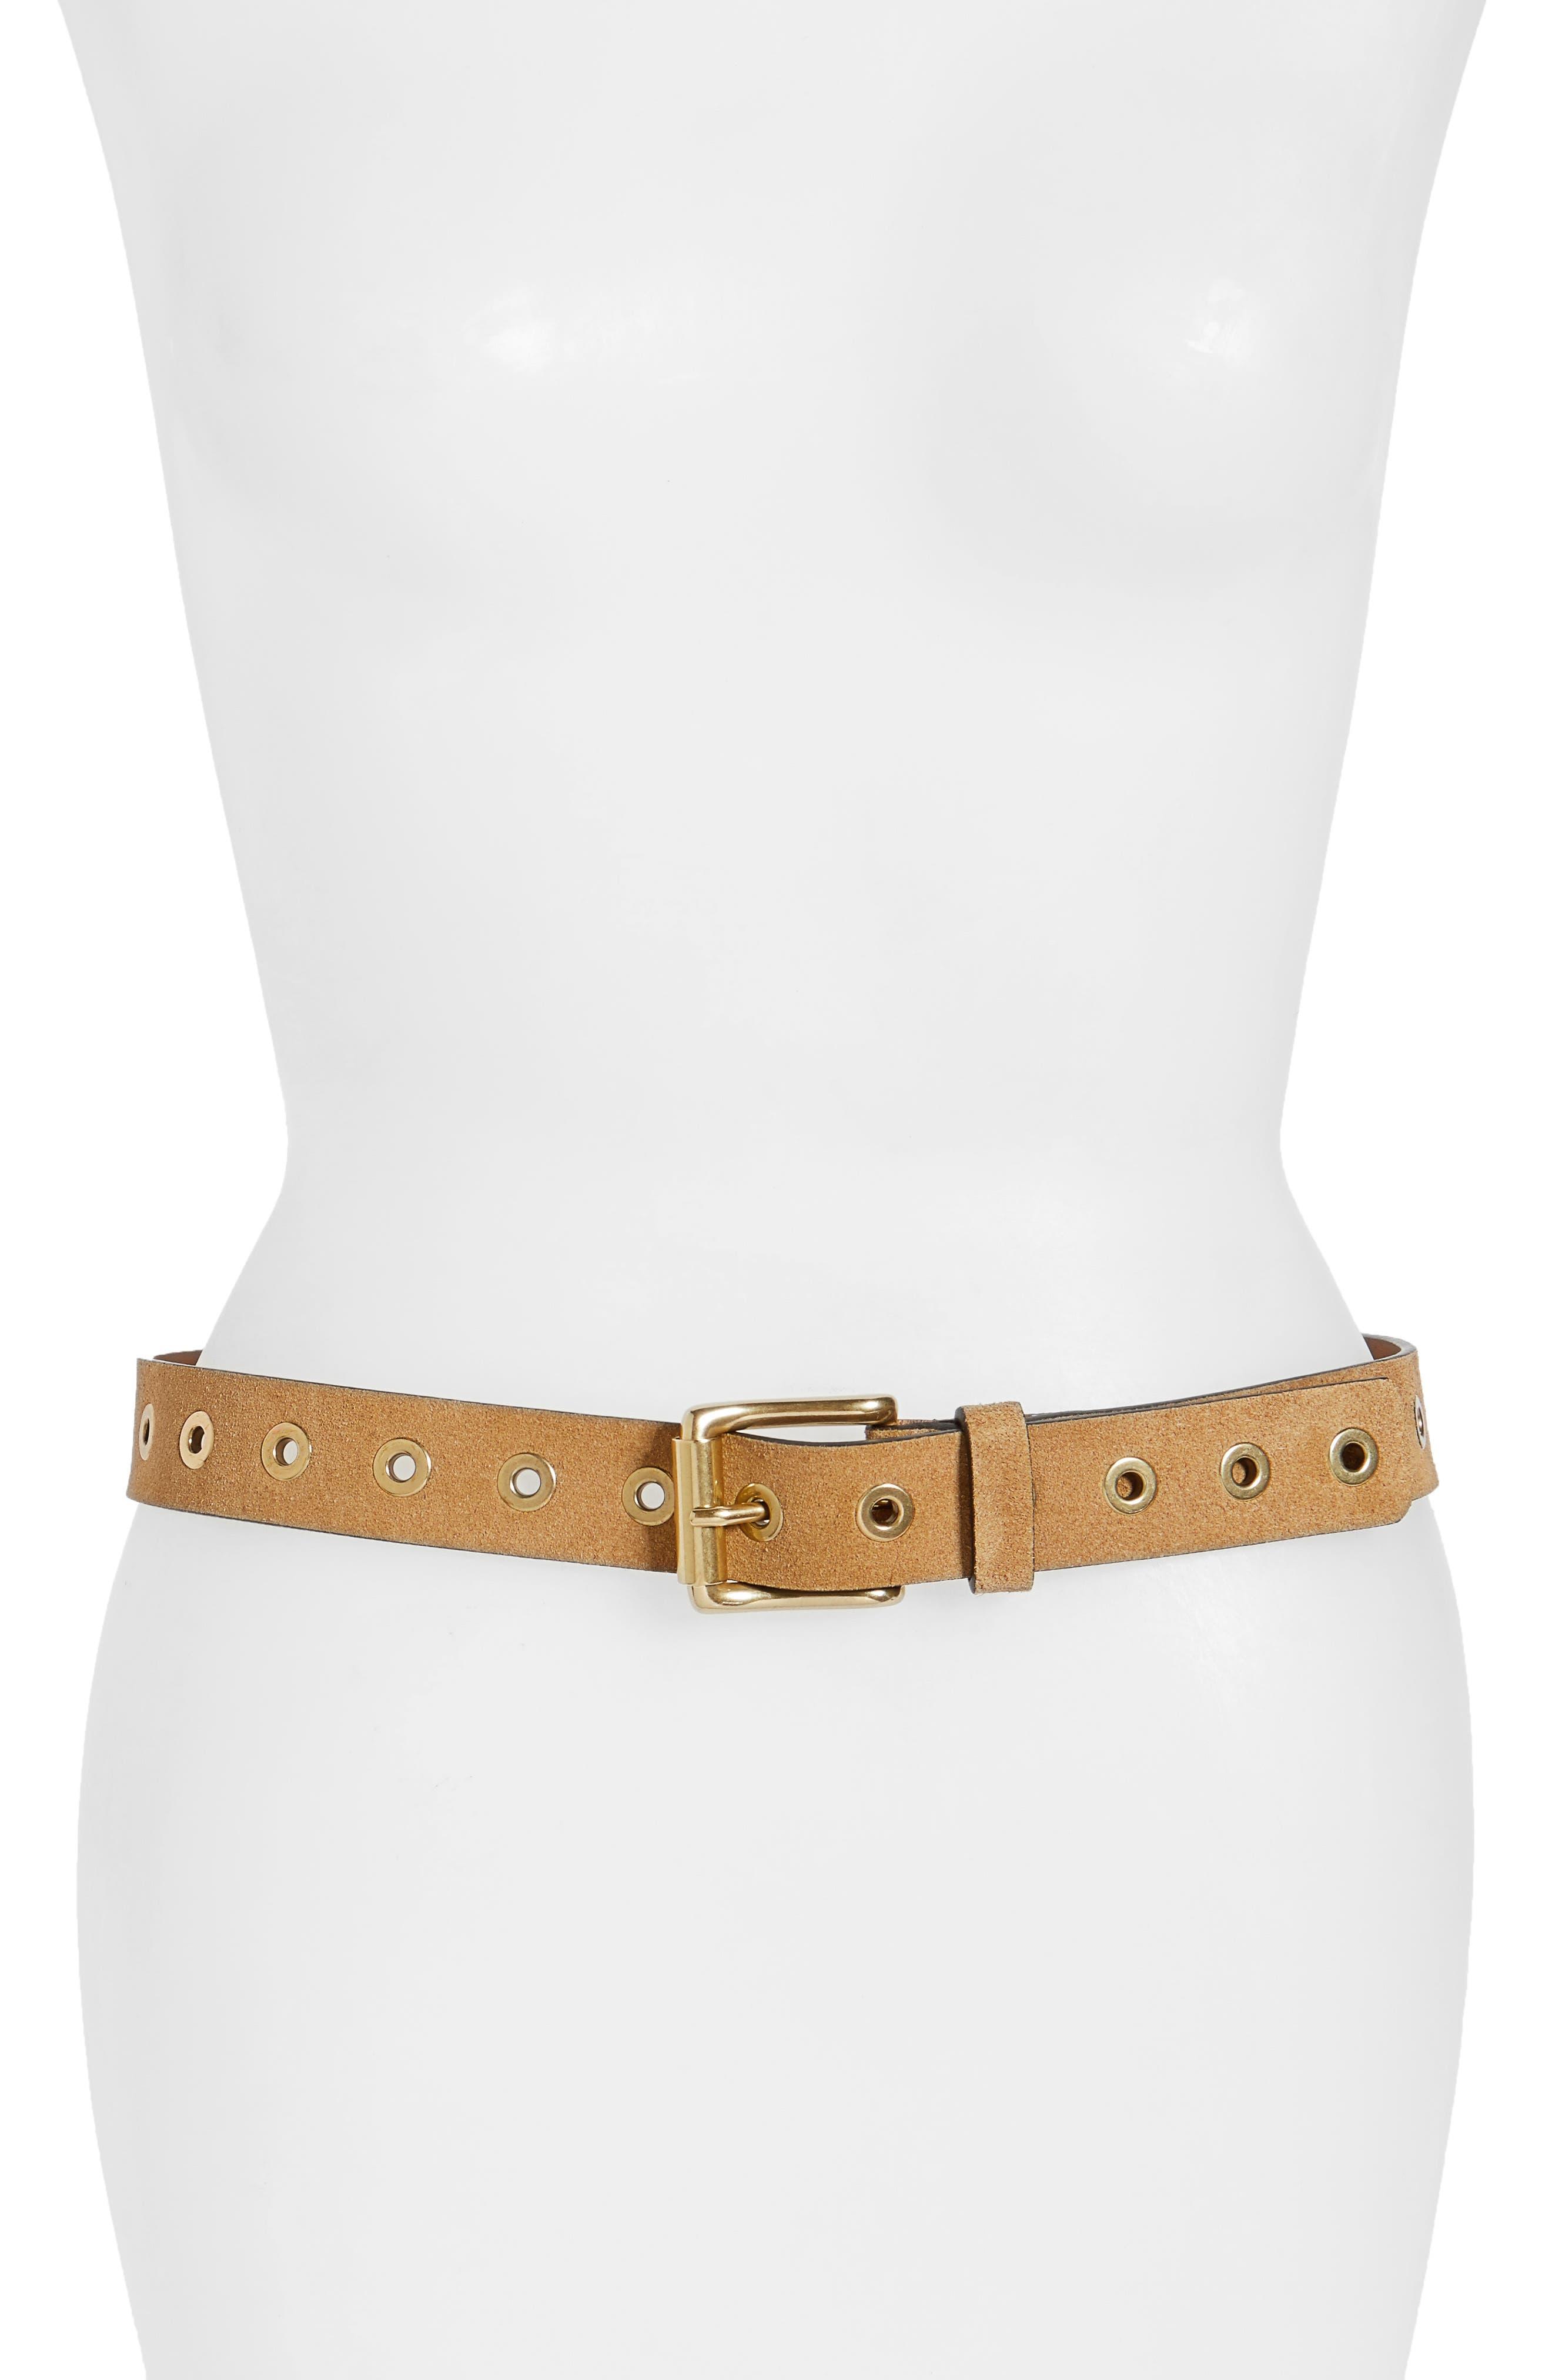 Grommet Leather Belt,                             Main thumbnail 1, color,